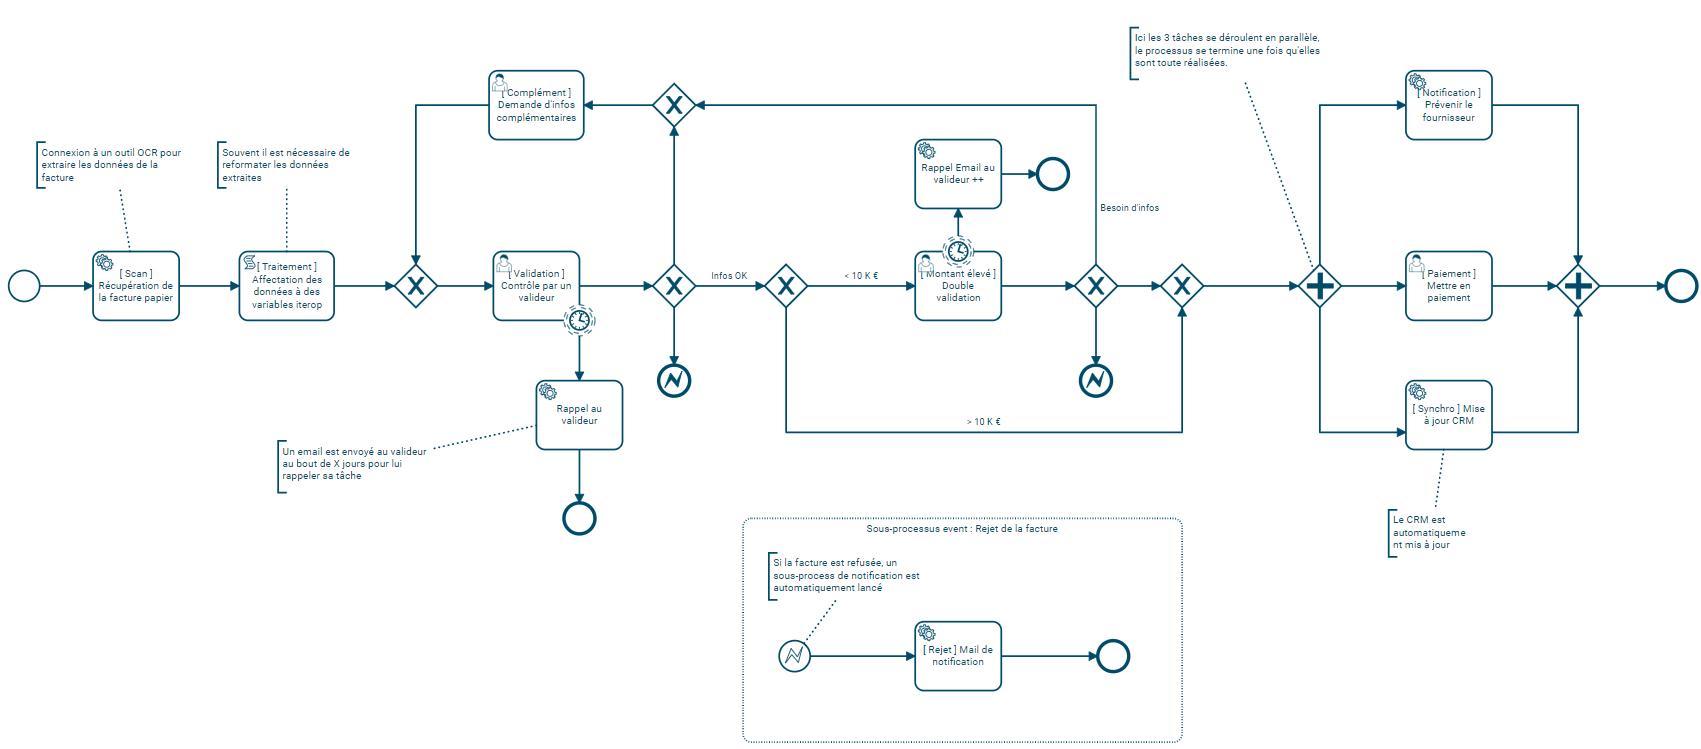 Processus de facturation déployé dans Iterop